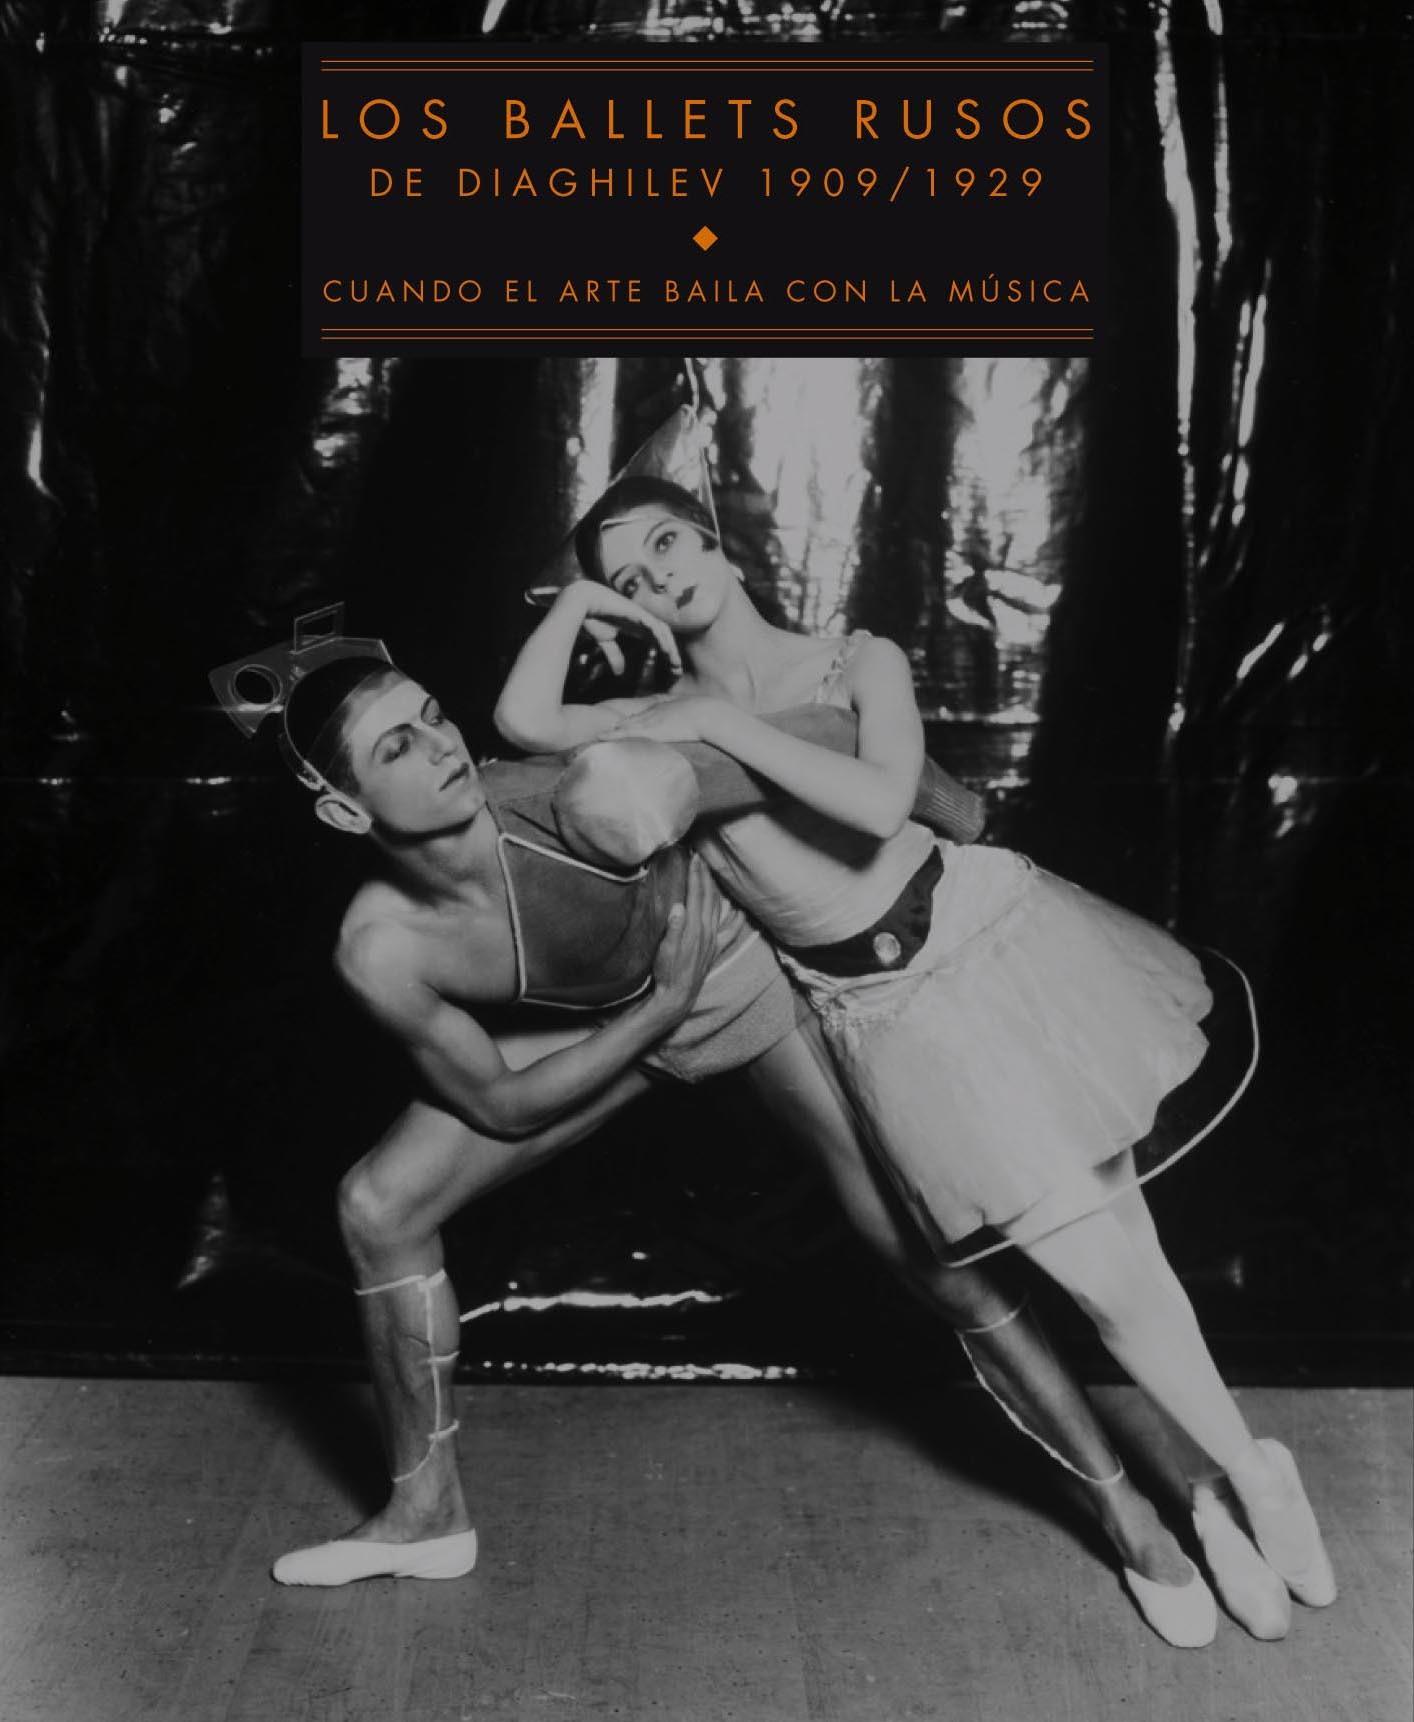 LOS BALLETS RUSOS DE DIAGHILEV 1909/1929. CUANDO EL ARTE BAILA CON LA MÚSICA